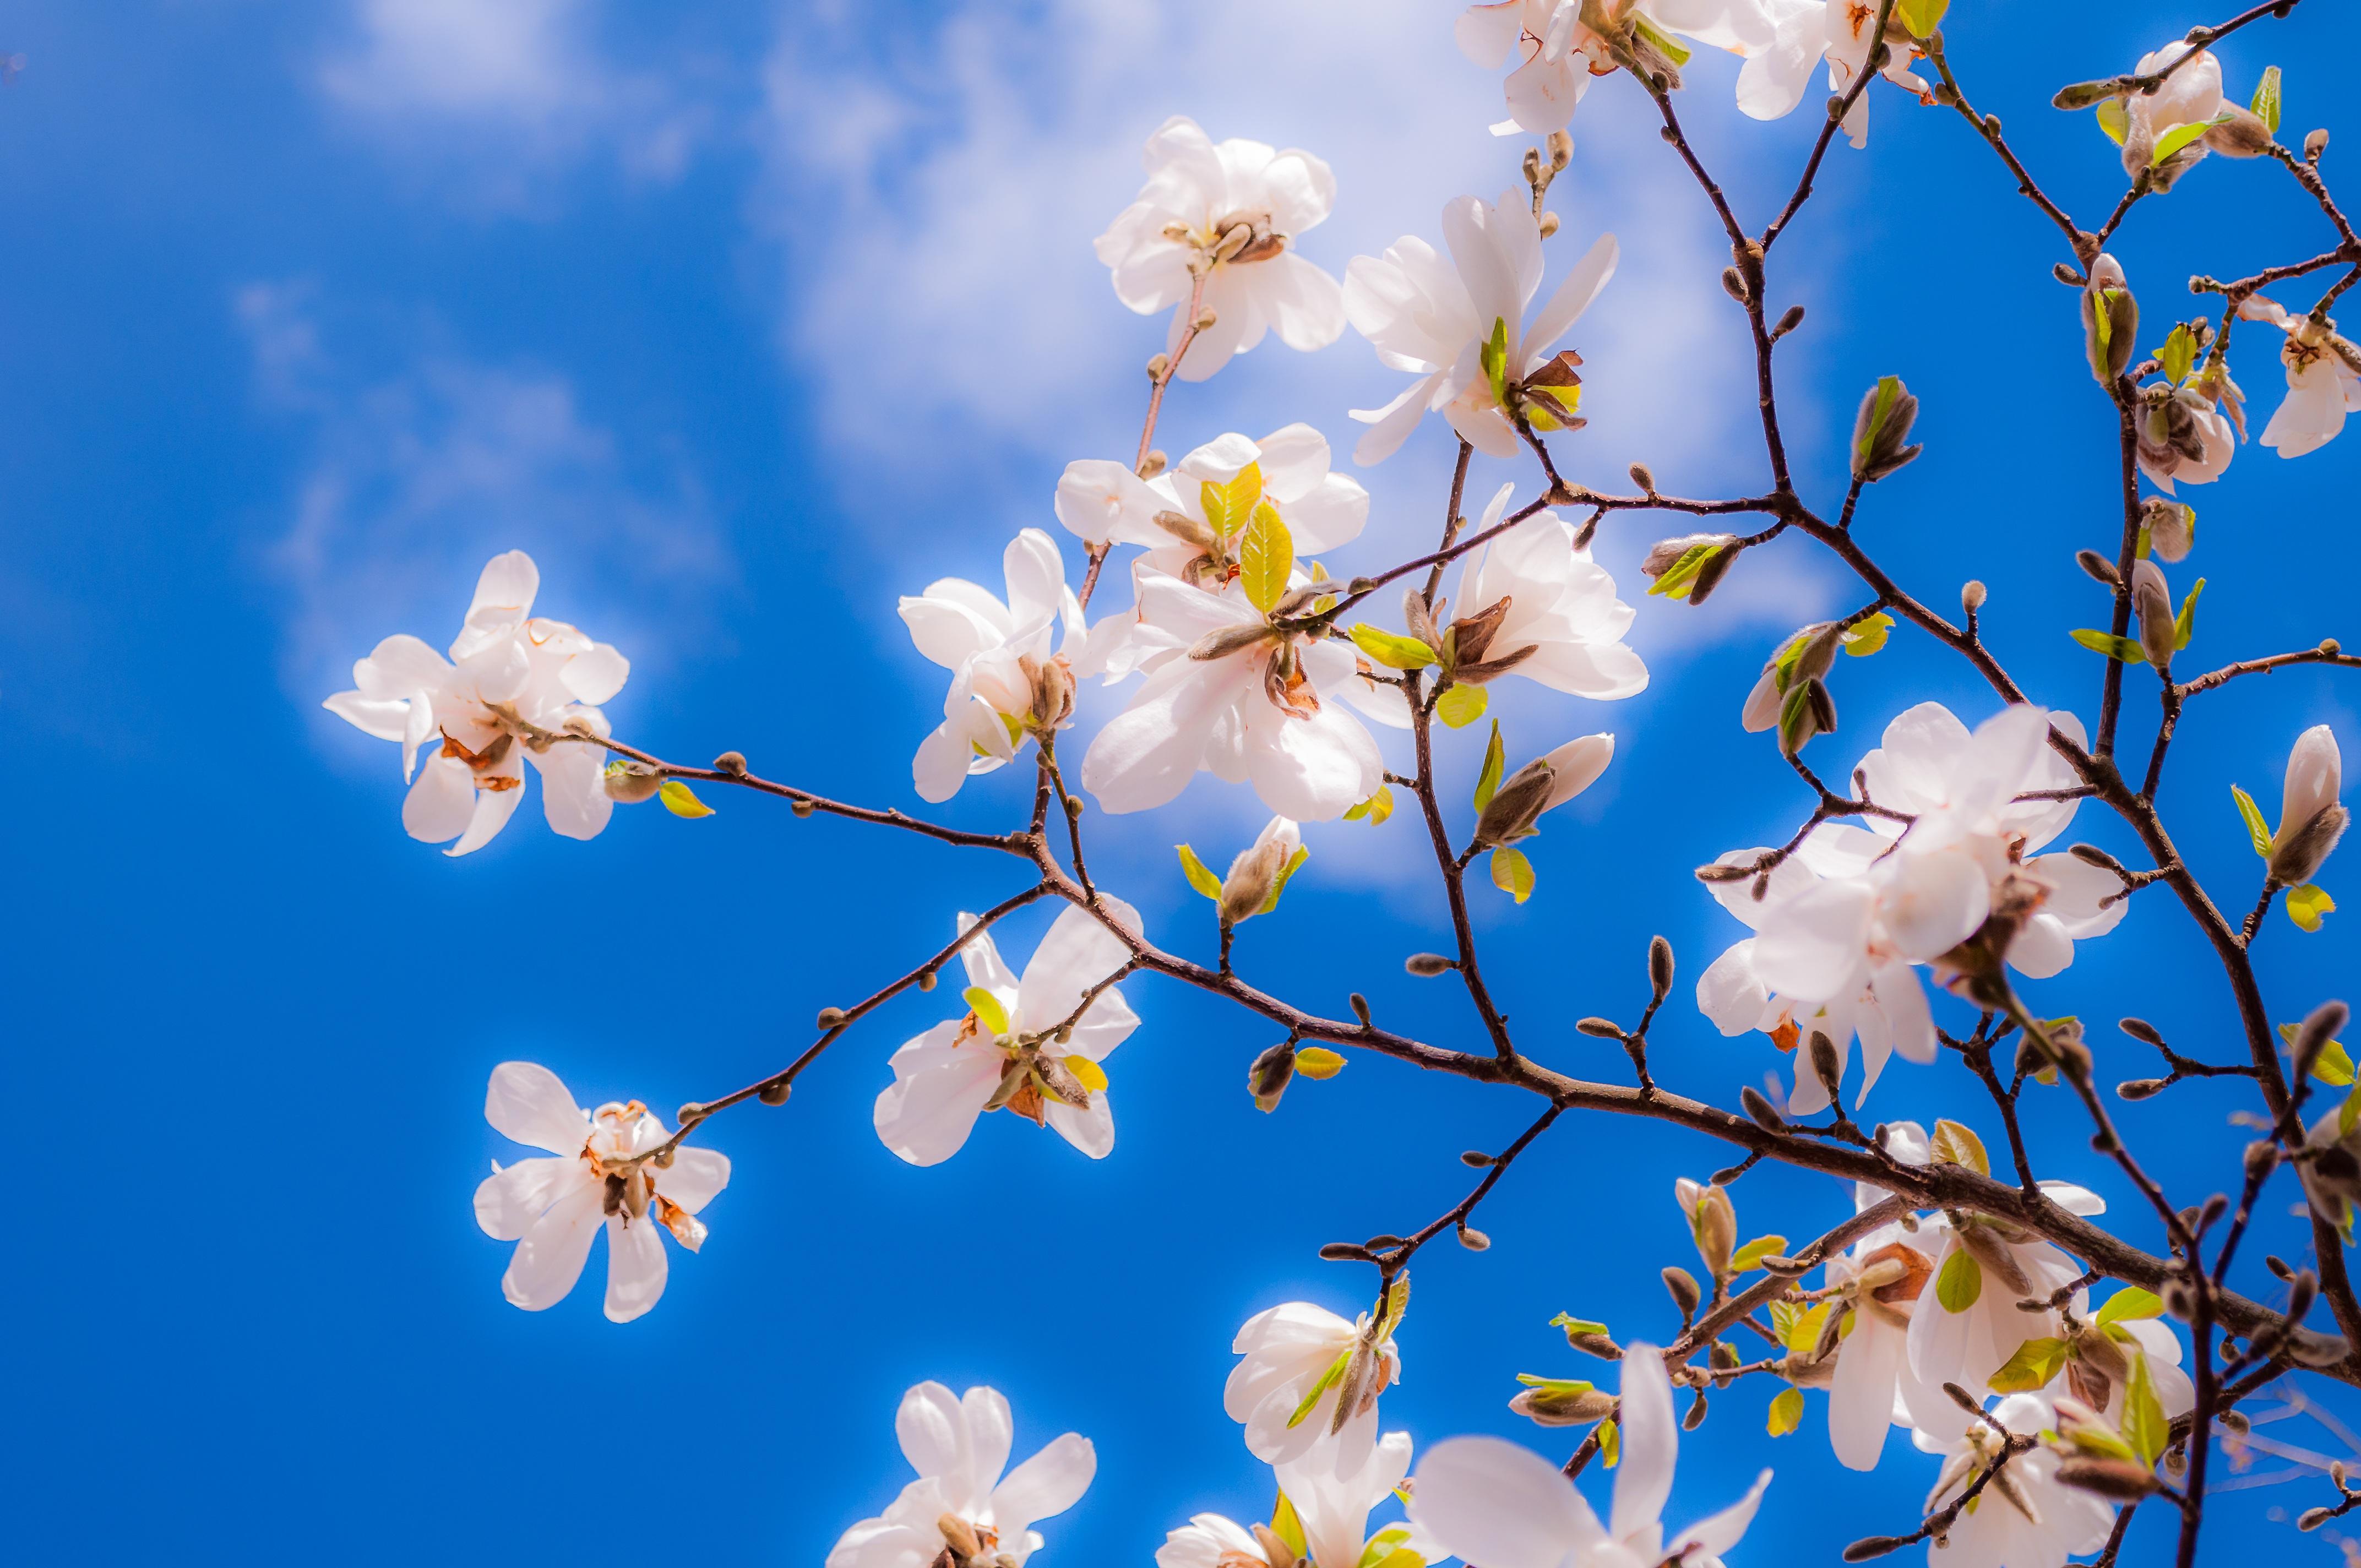 Images Gratuites : magnolia, fleurs, printemps, bourgeon, arbre, rose, pleine floraison, Fr ...